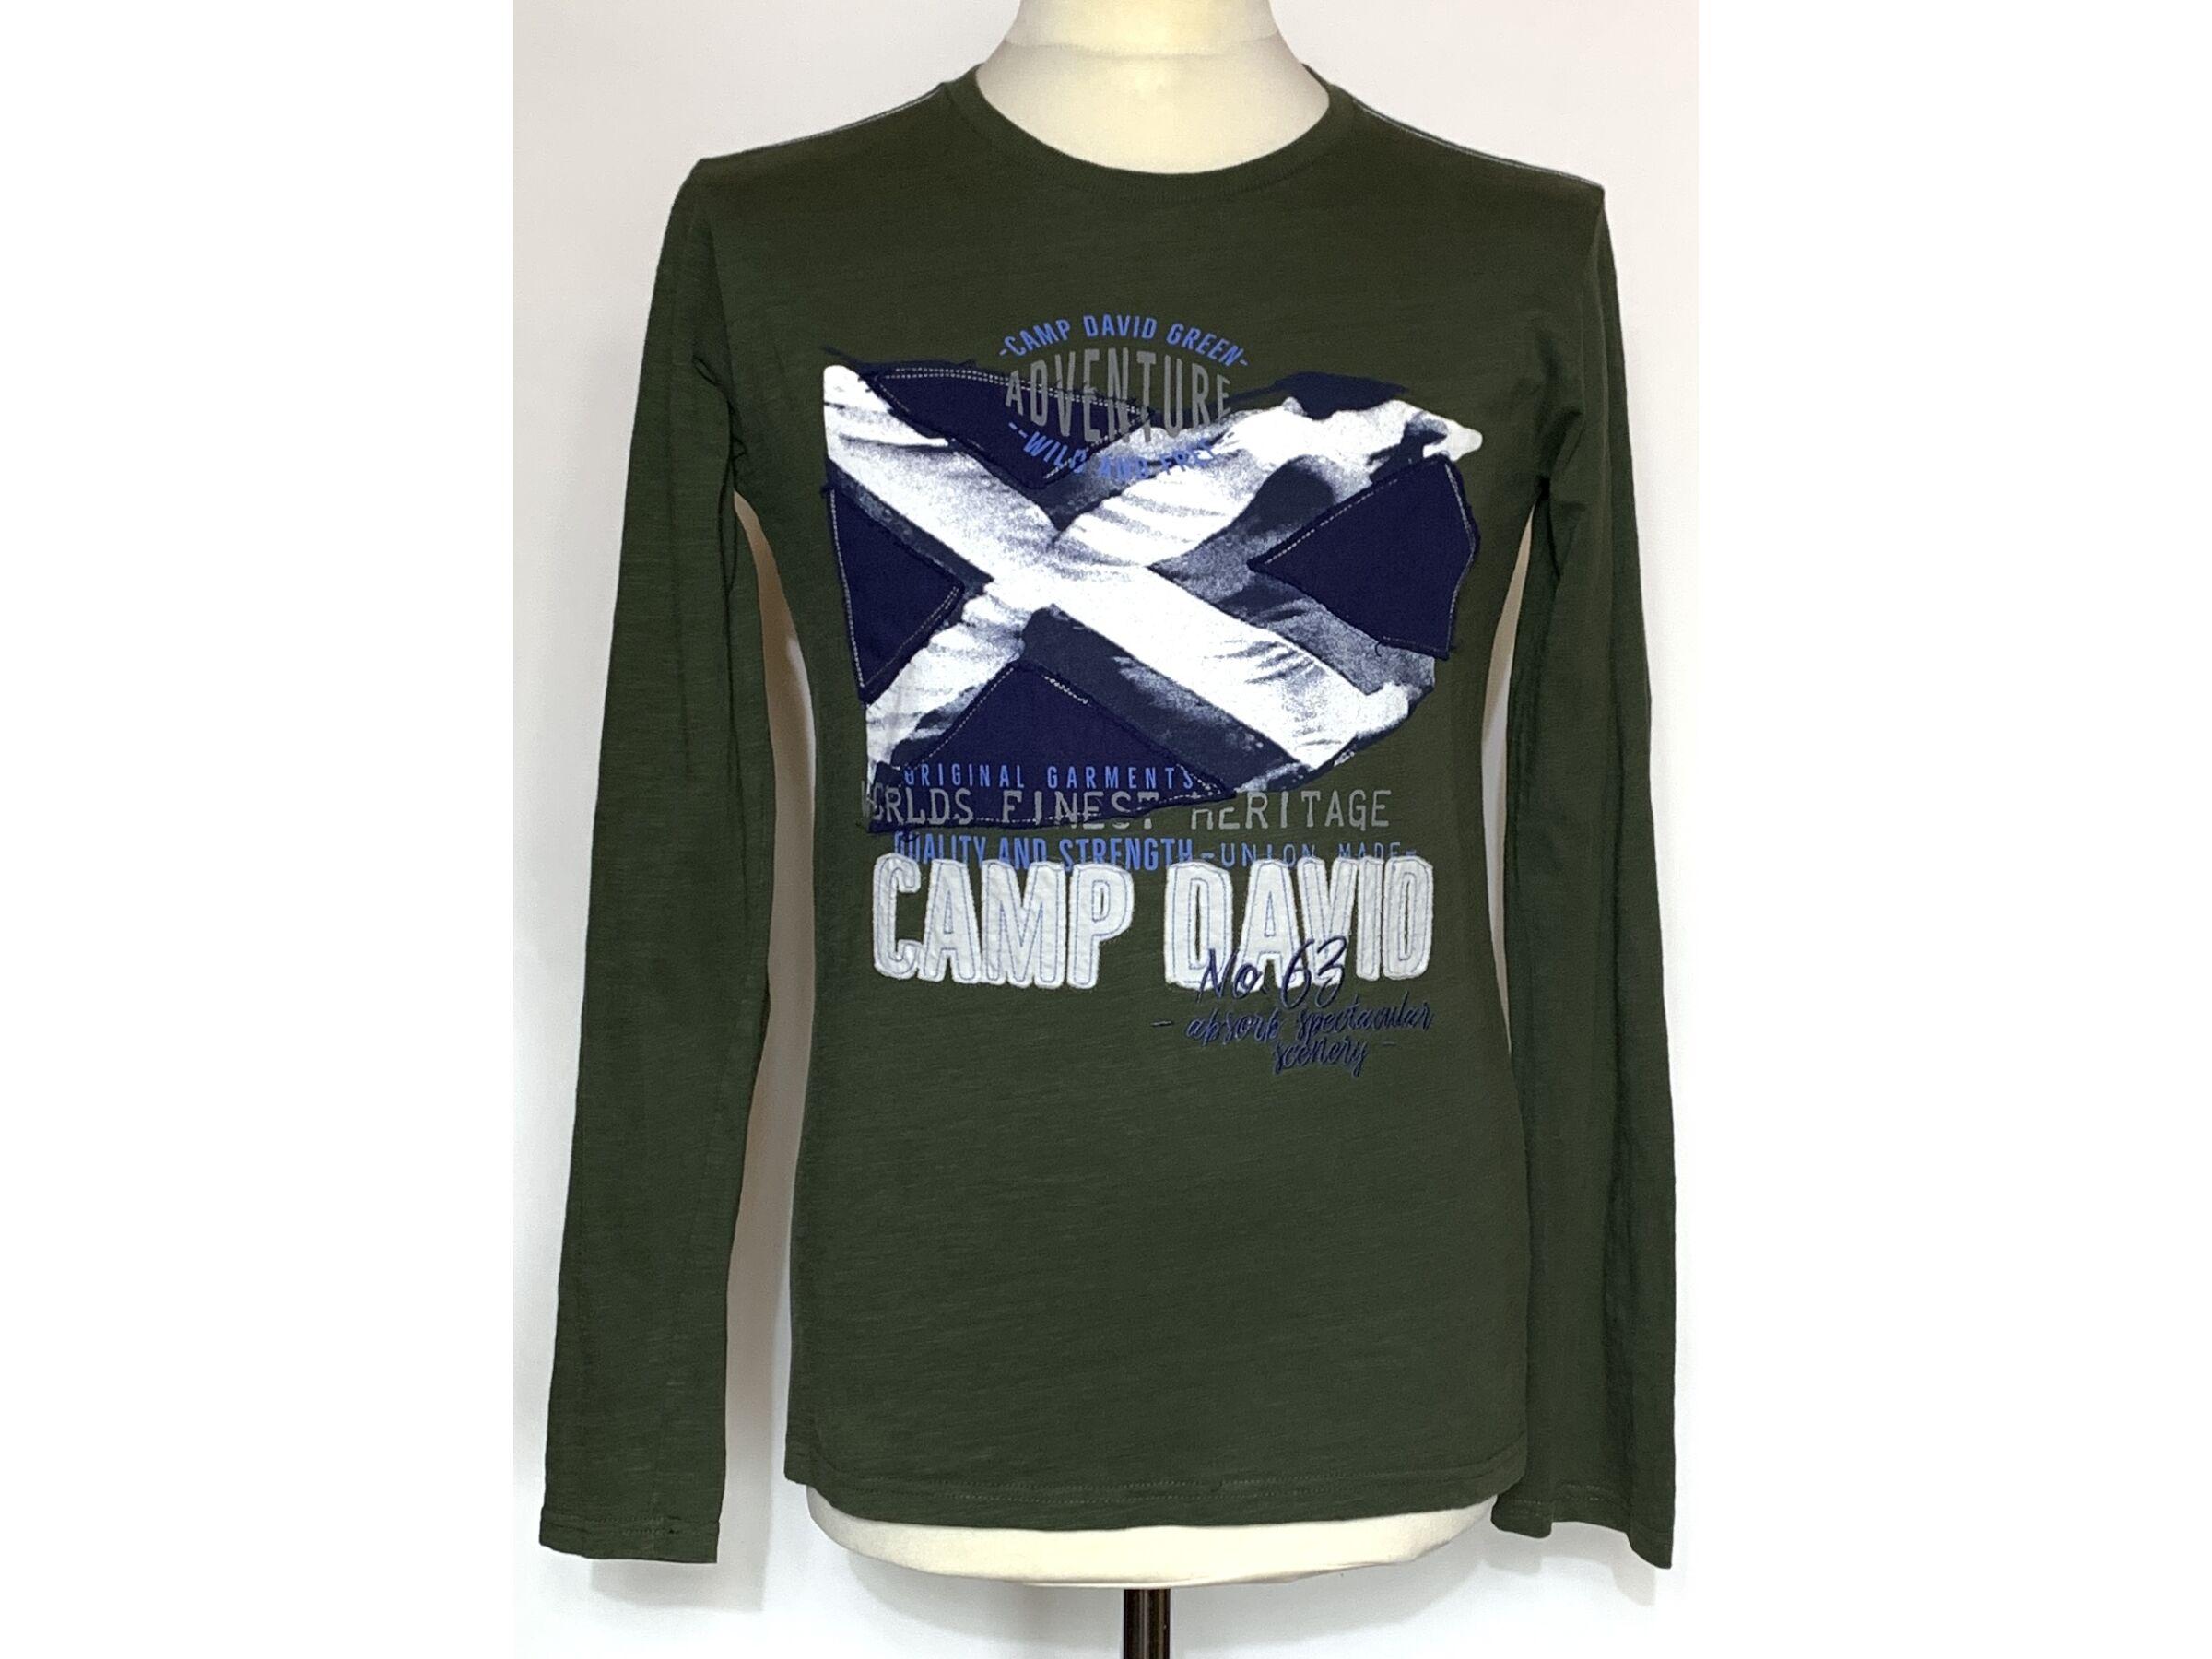 Camp David hosszú ujjú felső (M)